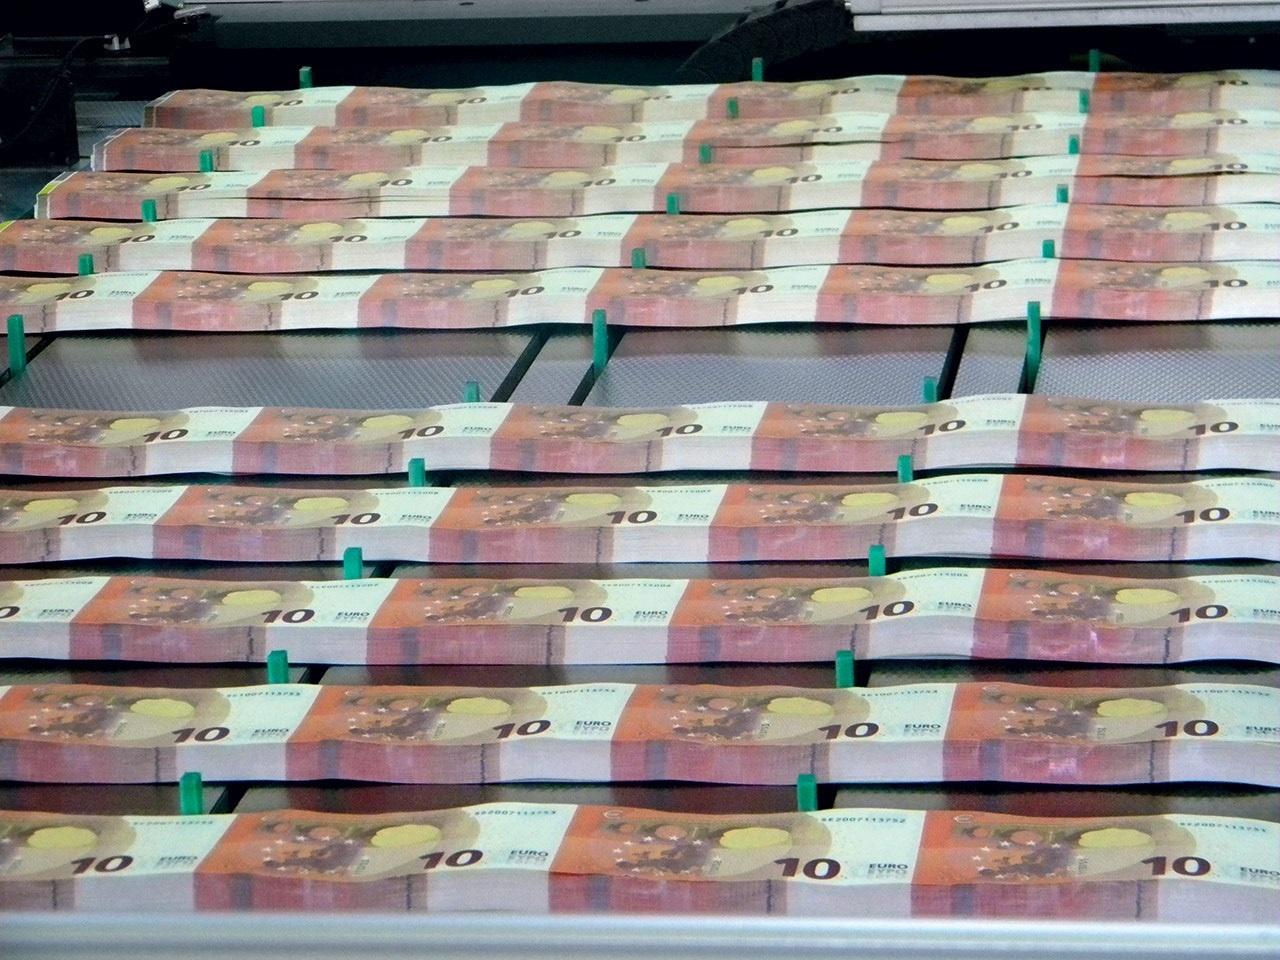 La crisis dispara la economía sumergida al 22,3% del PIB aragonés, según Gestha